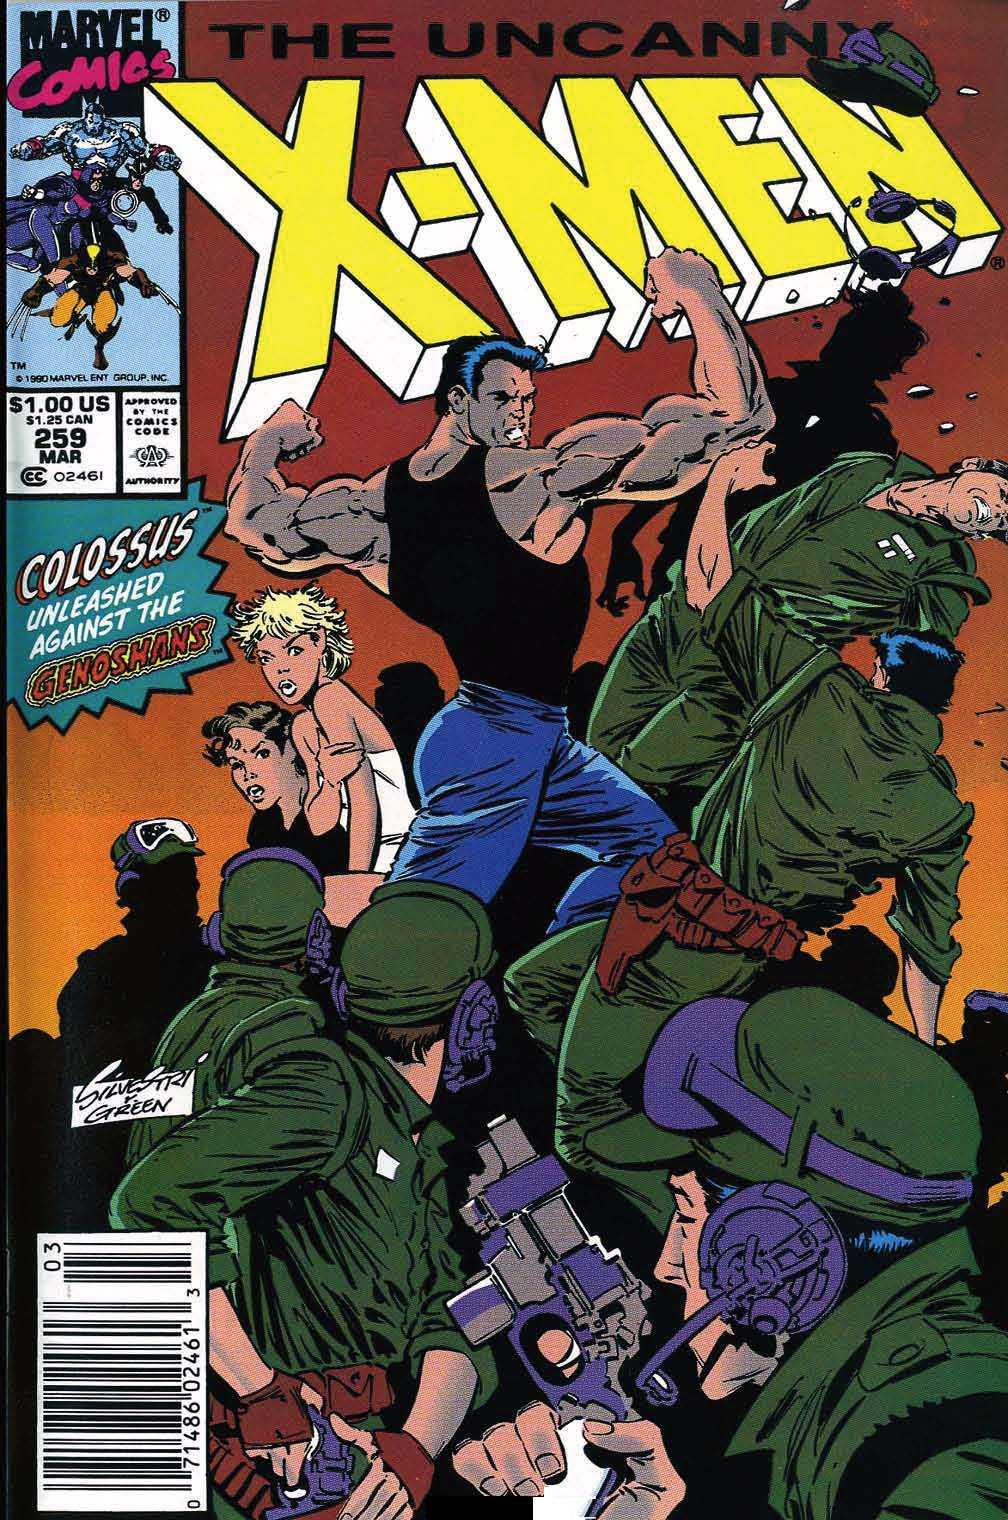 Uncanny X-Men Vol 1 259. Uncanny X-Men Vol 1 259